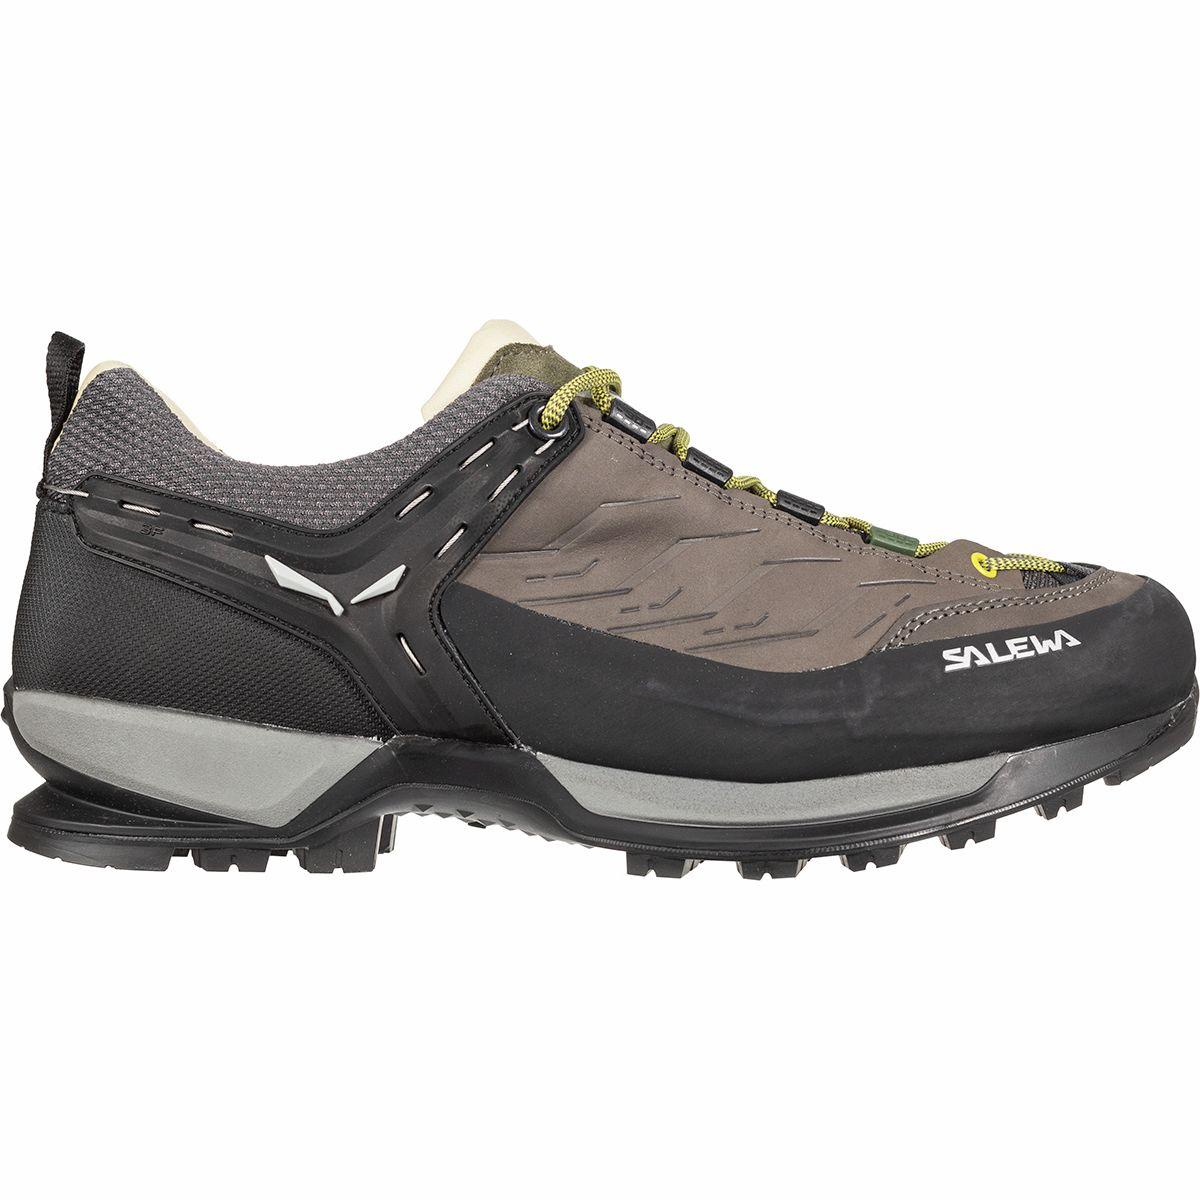 Salewa Mountain Trainer Leather